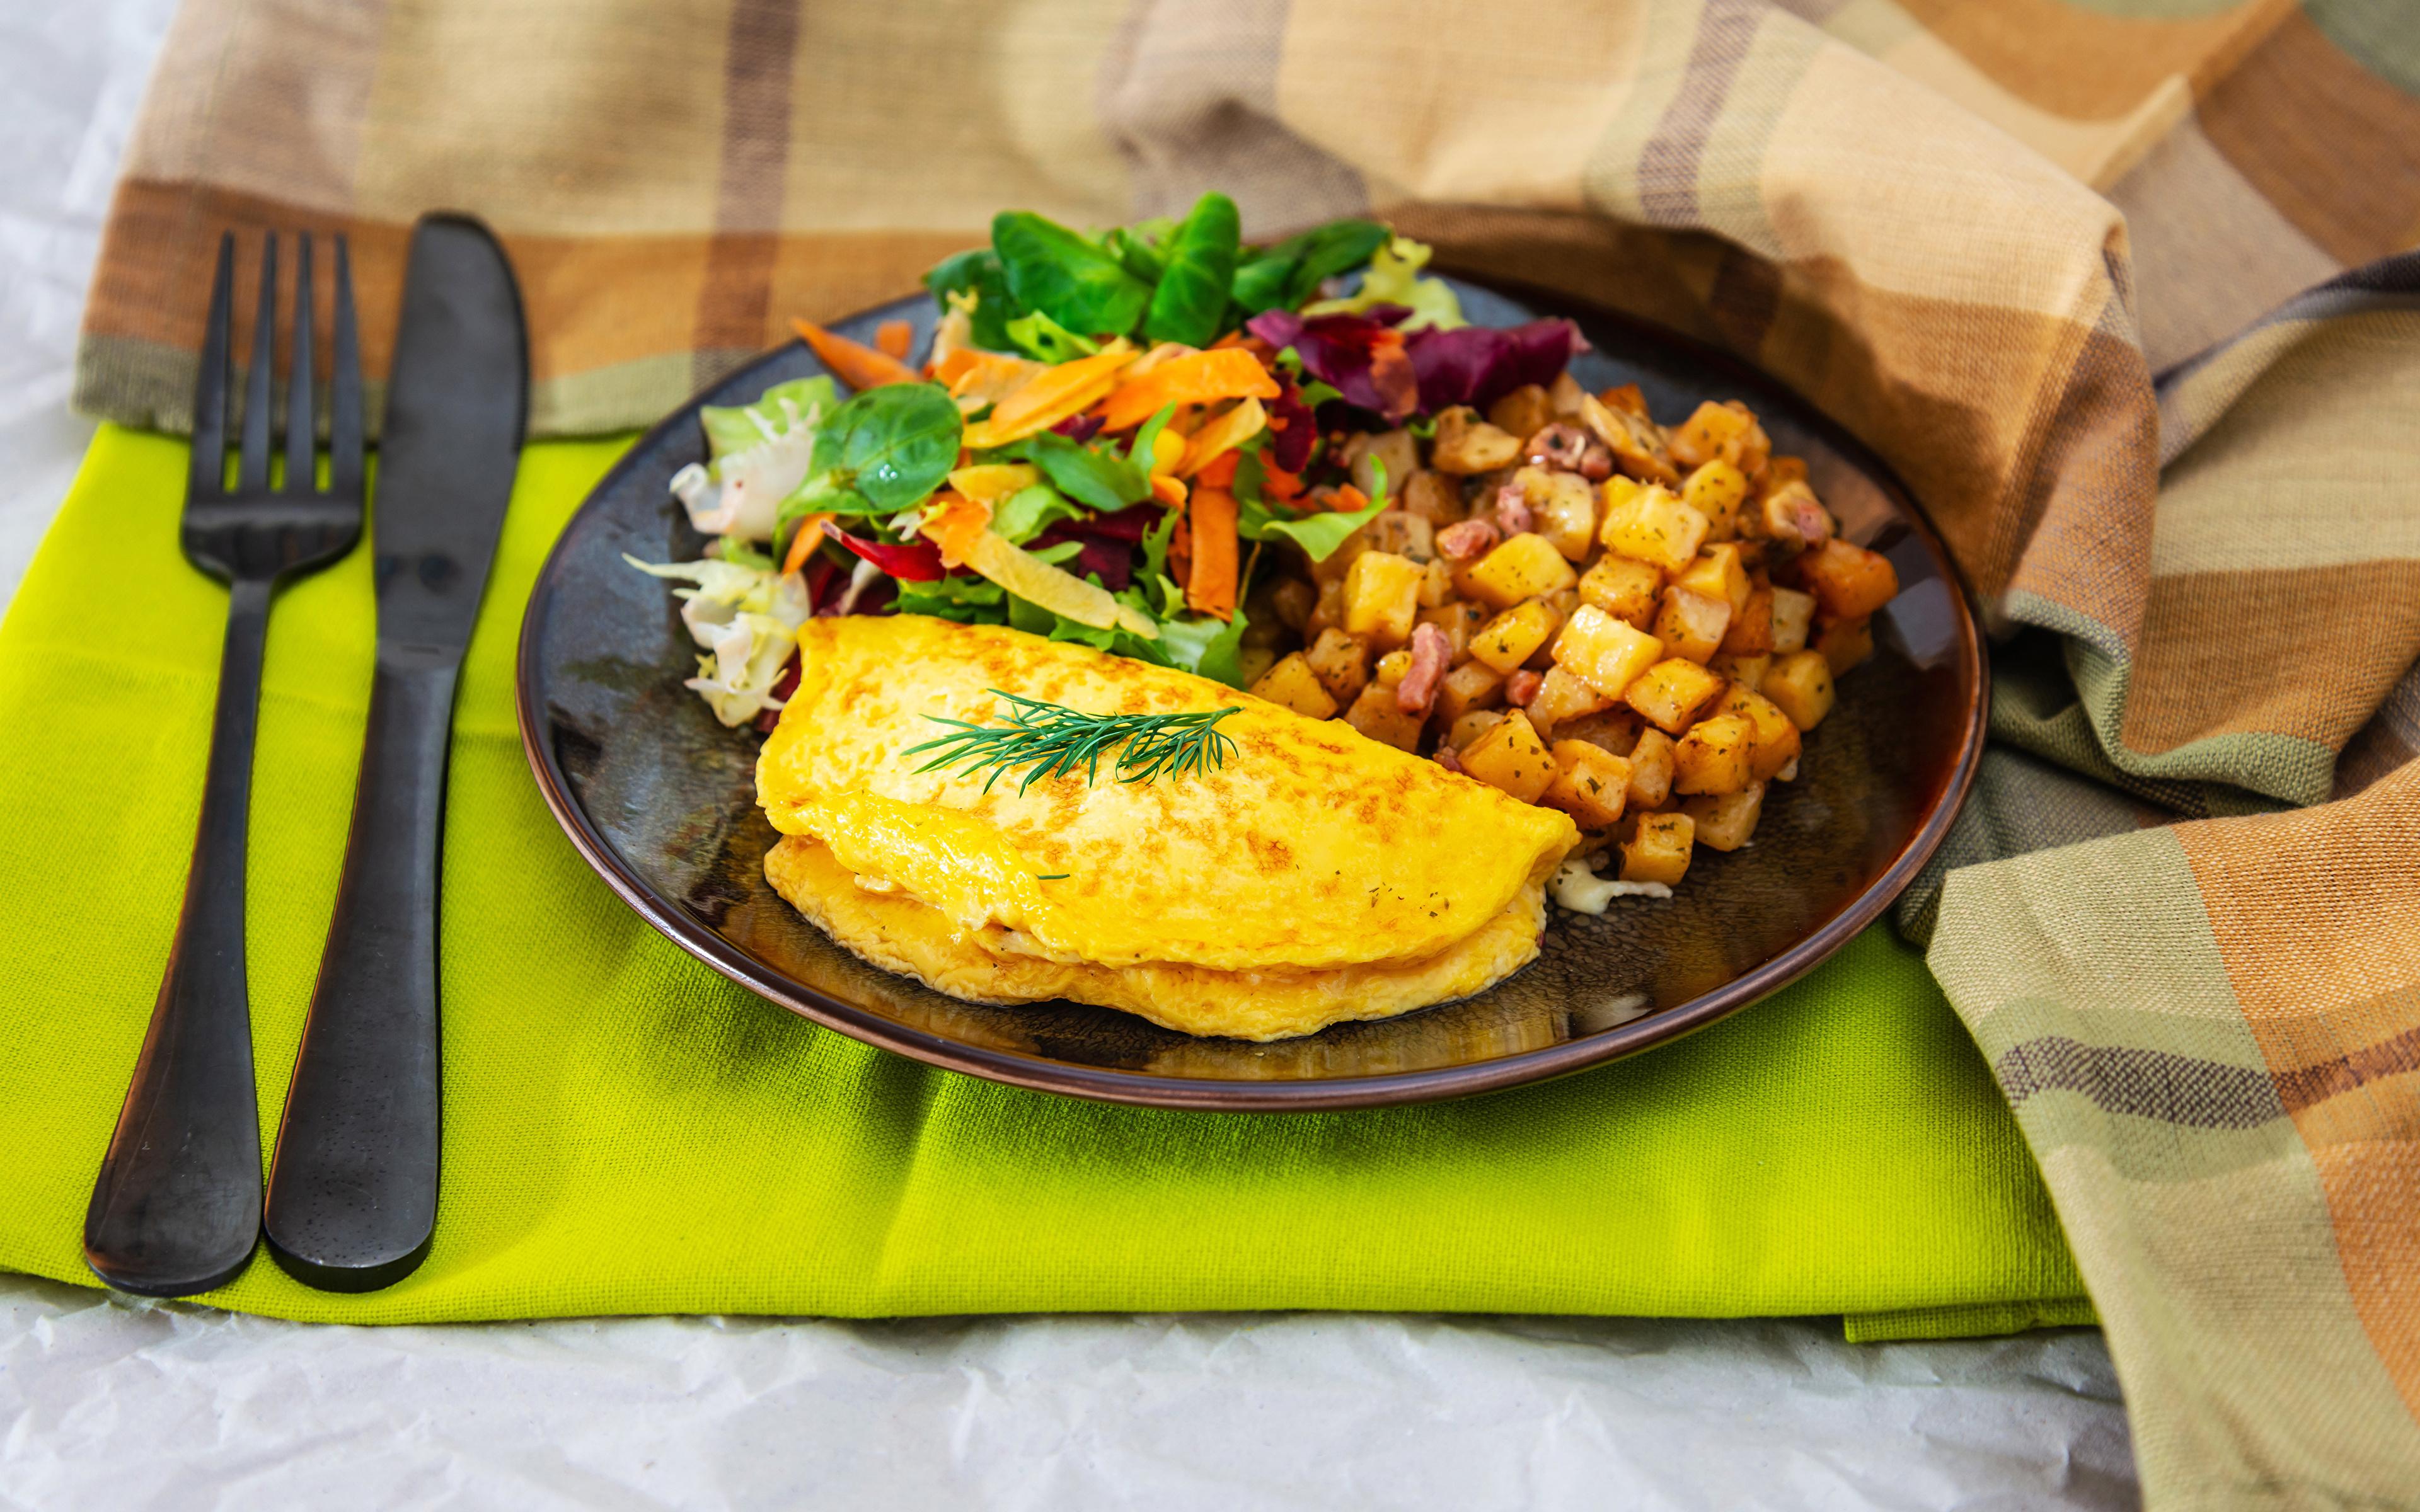 Fotos Messer Spiegelei Kartoffel Frühstück Gabel Teller Gemüse Lebensmittel 3840x2400 Essgabel das Essen